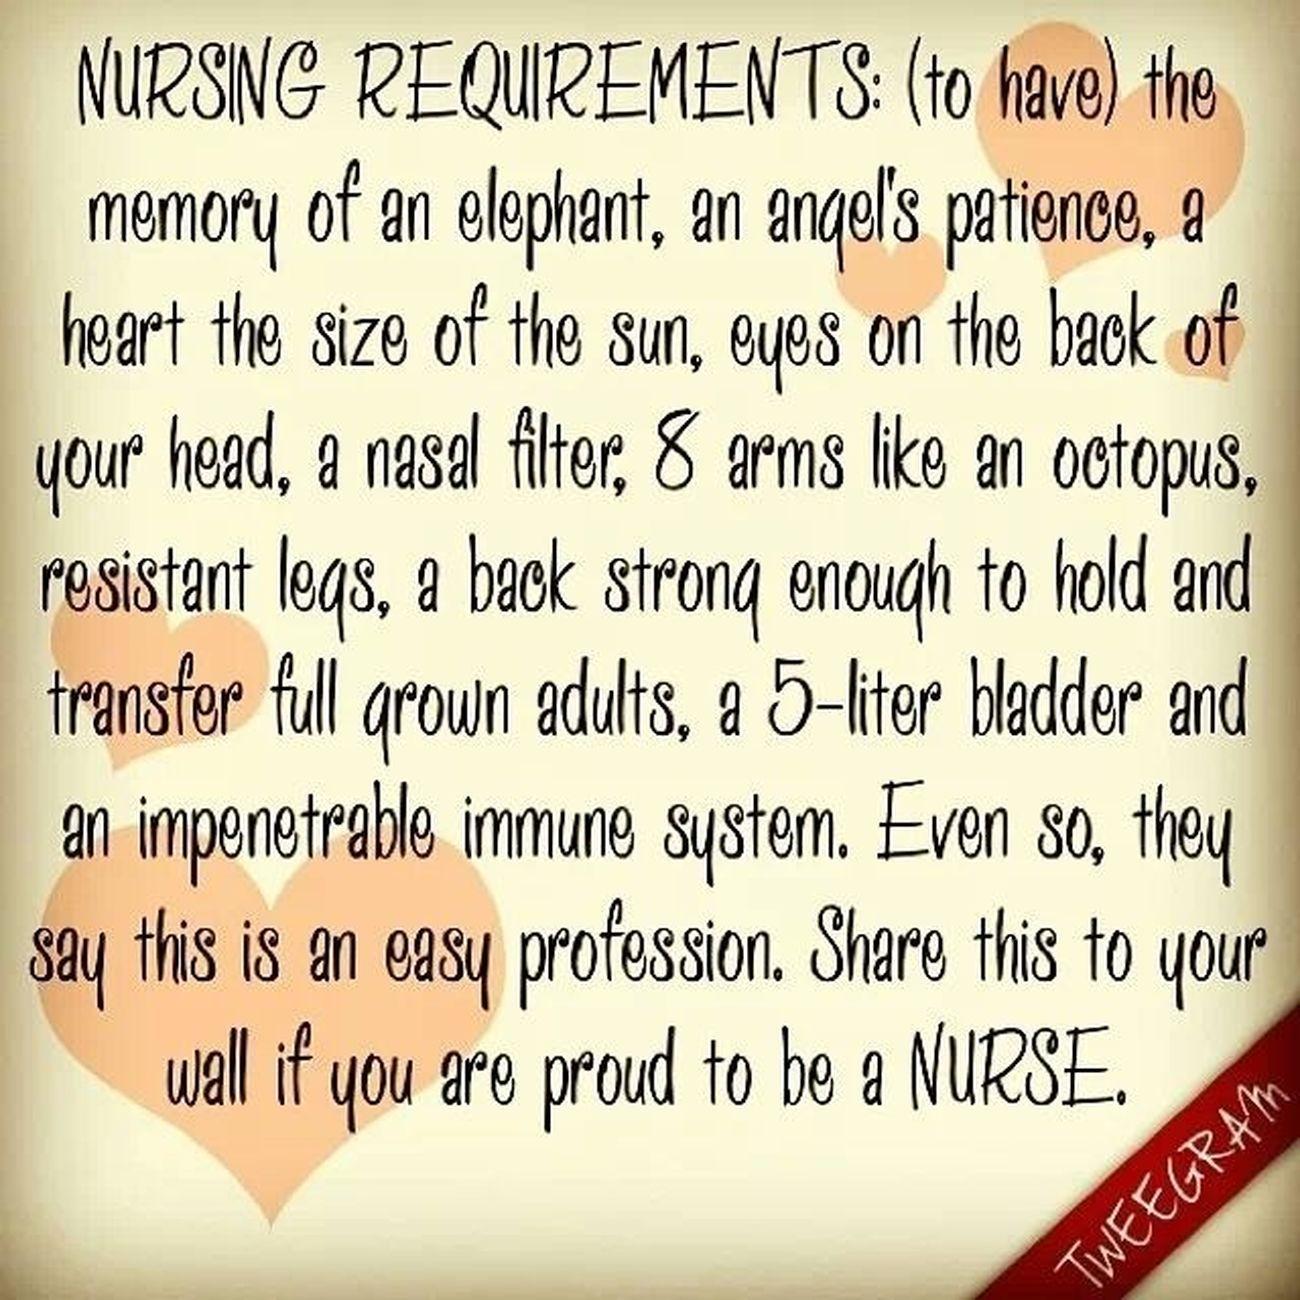 ProudtobeaNURSE Nurseslife Ohwell Tweegram